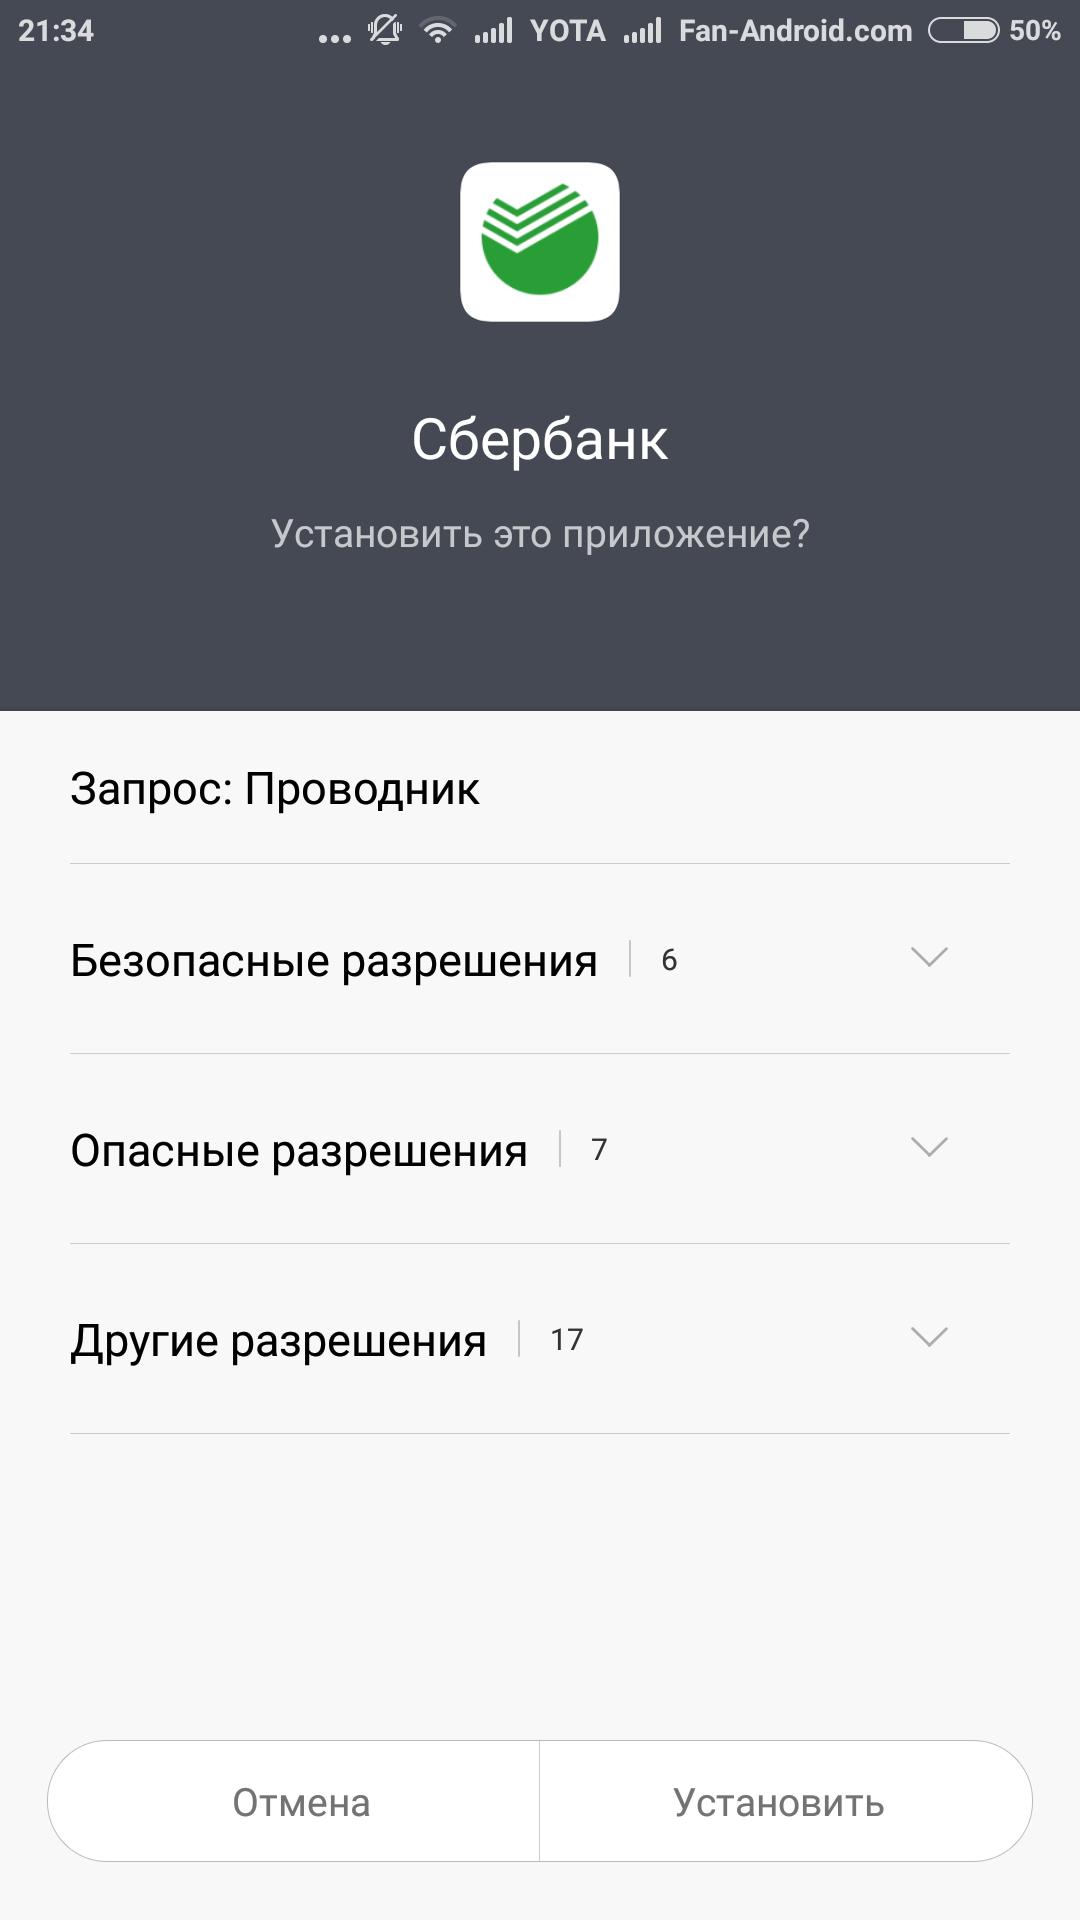 сбербанк apk файл